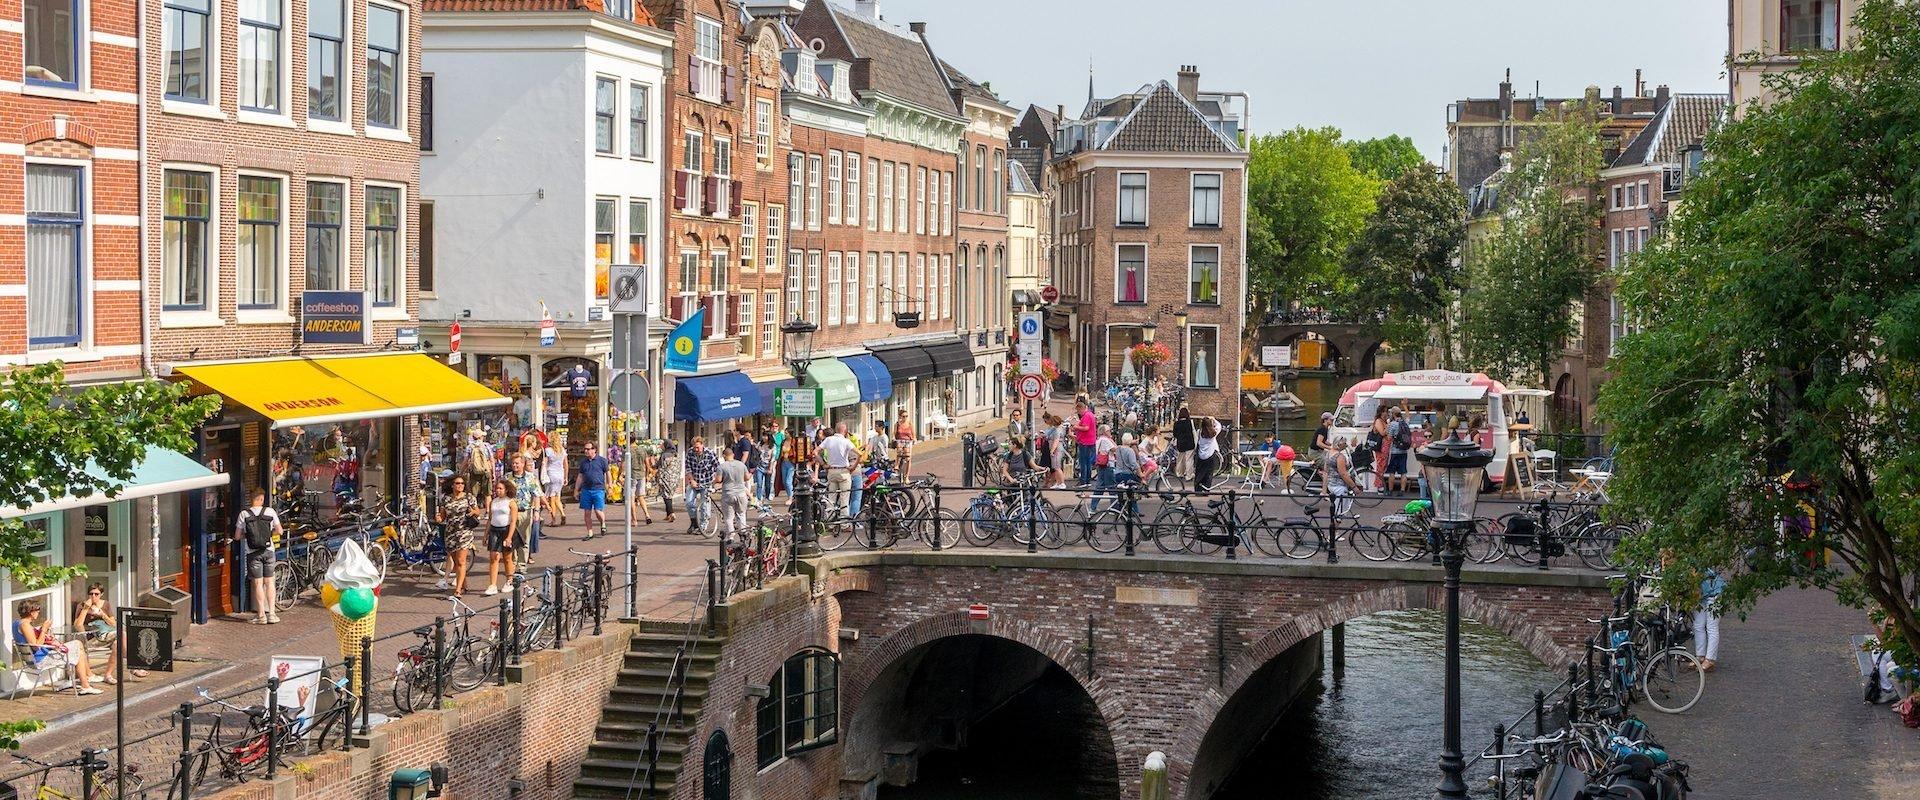 Sfeer_Domkwartier_Utrecht